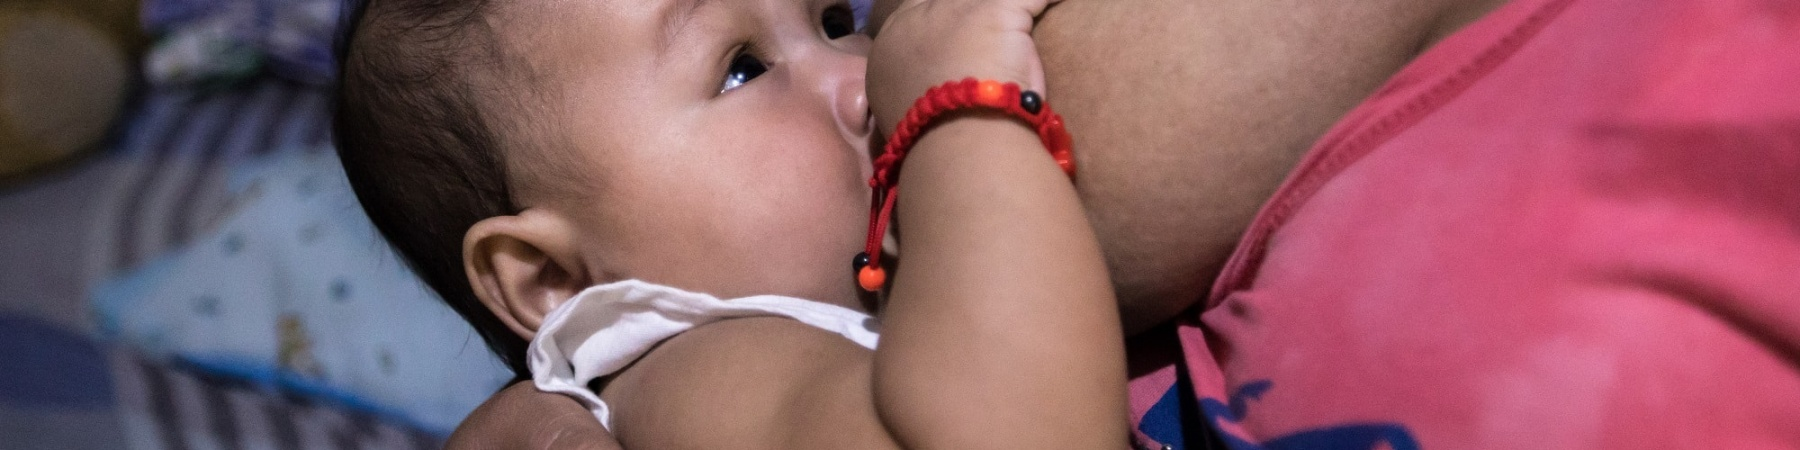 bambino allattato seno mamma con maglia rosa